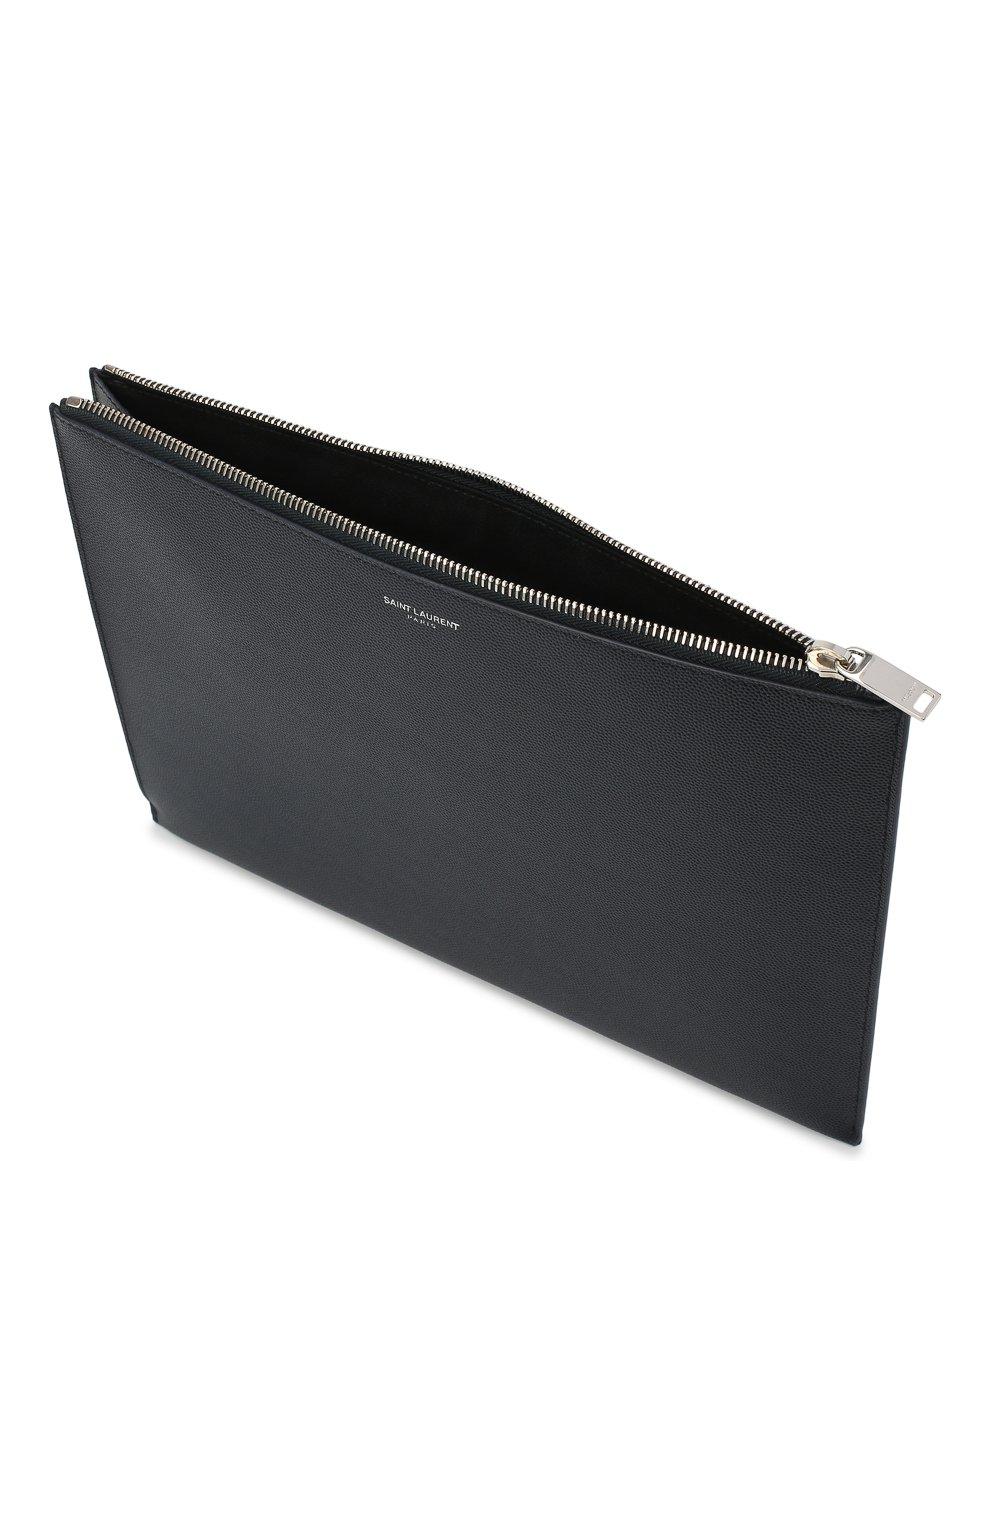 Кожаный чехол для iPad на молнии Saint Laurent  | Фото №3